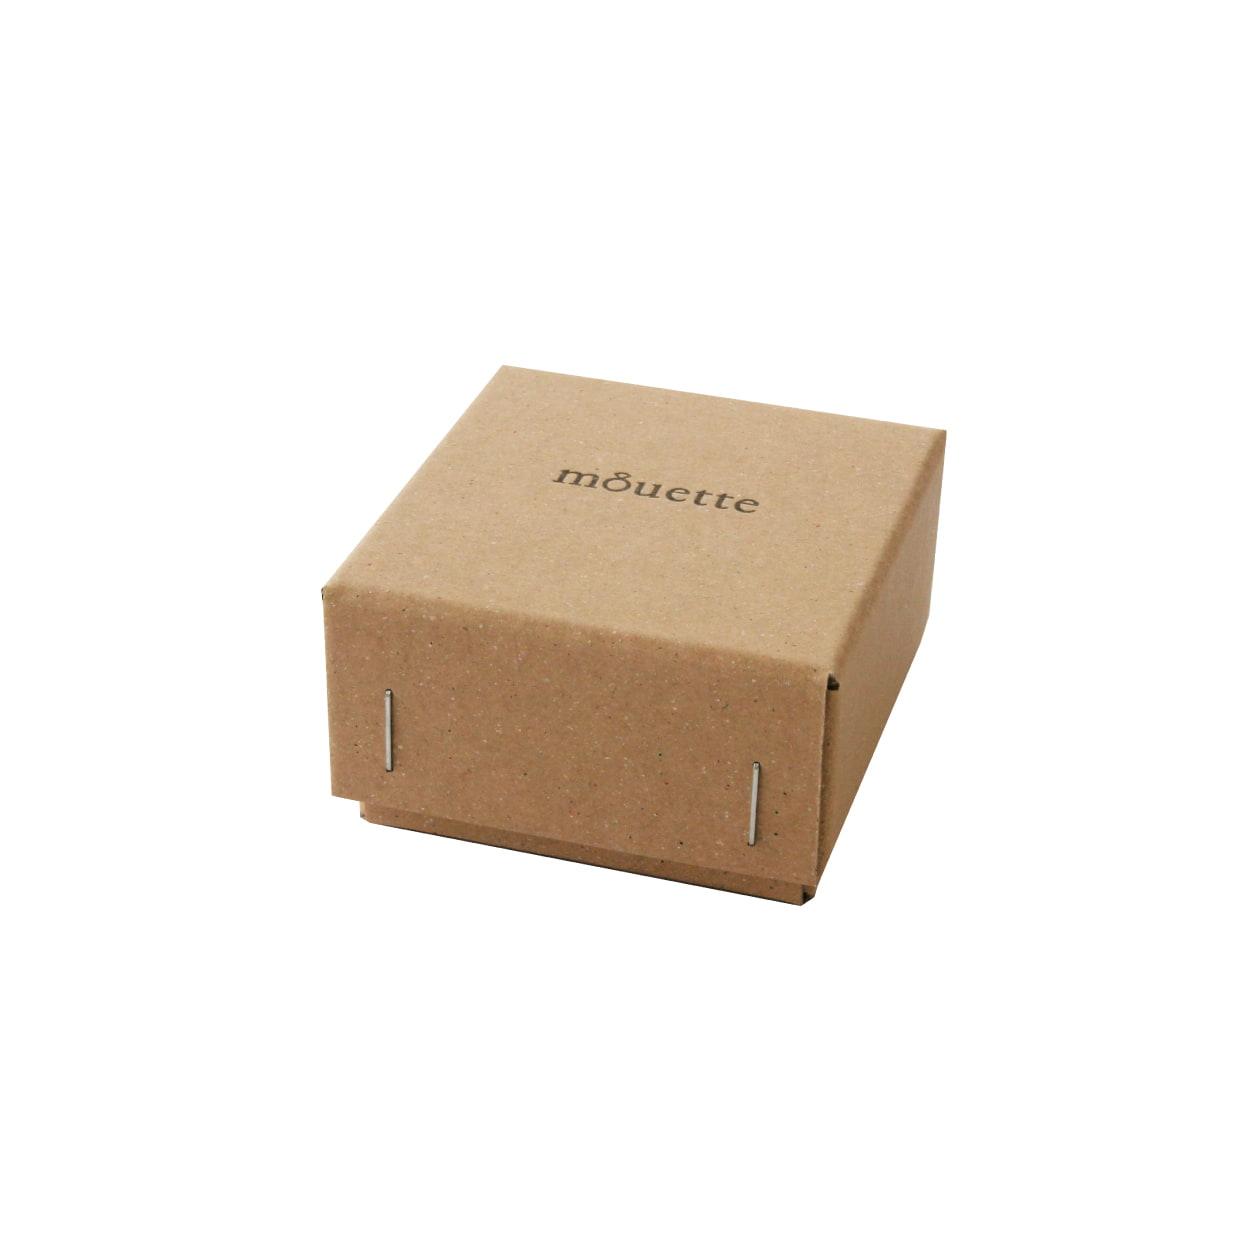 サンプル 箱(ホッチキス箱) 00013